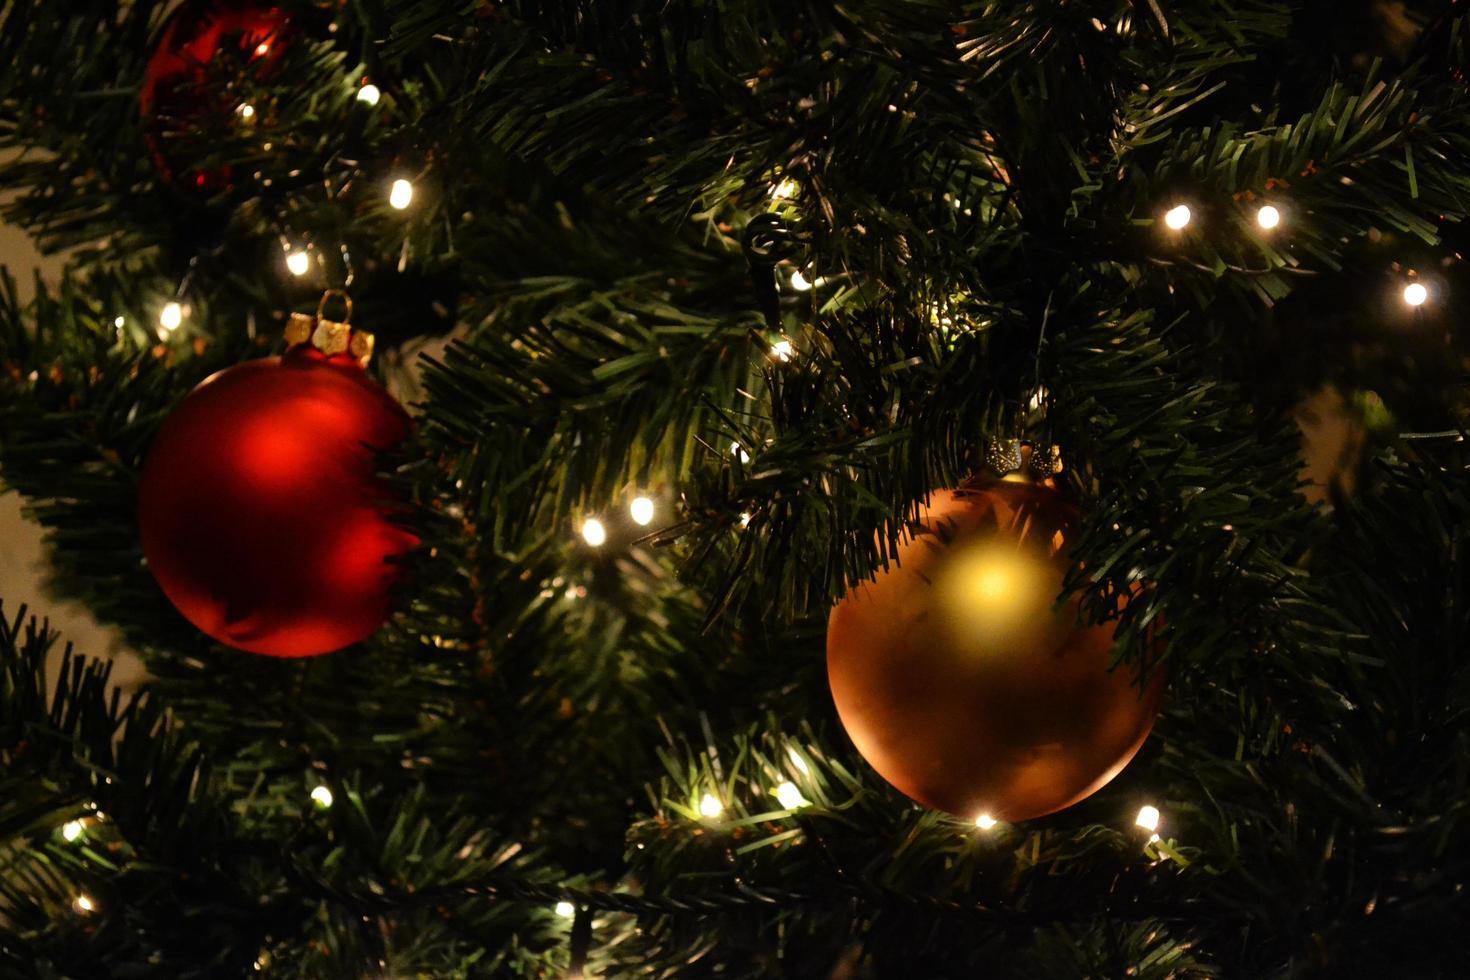 goldene und rote Zwiebeln auf Weihnachtsbaum foto